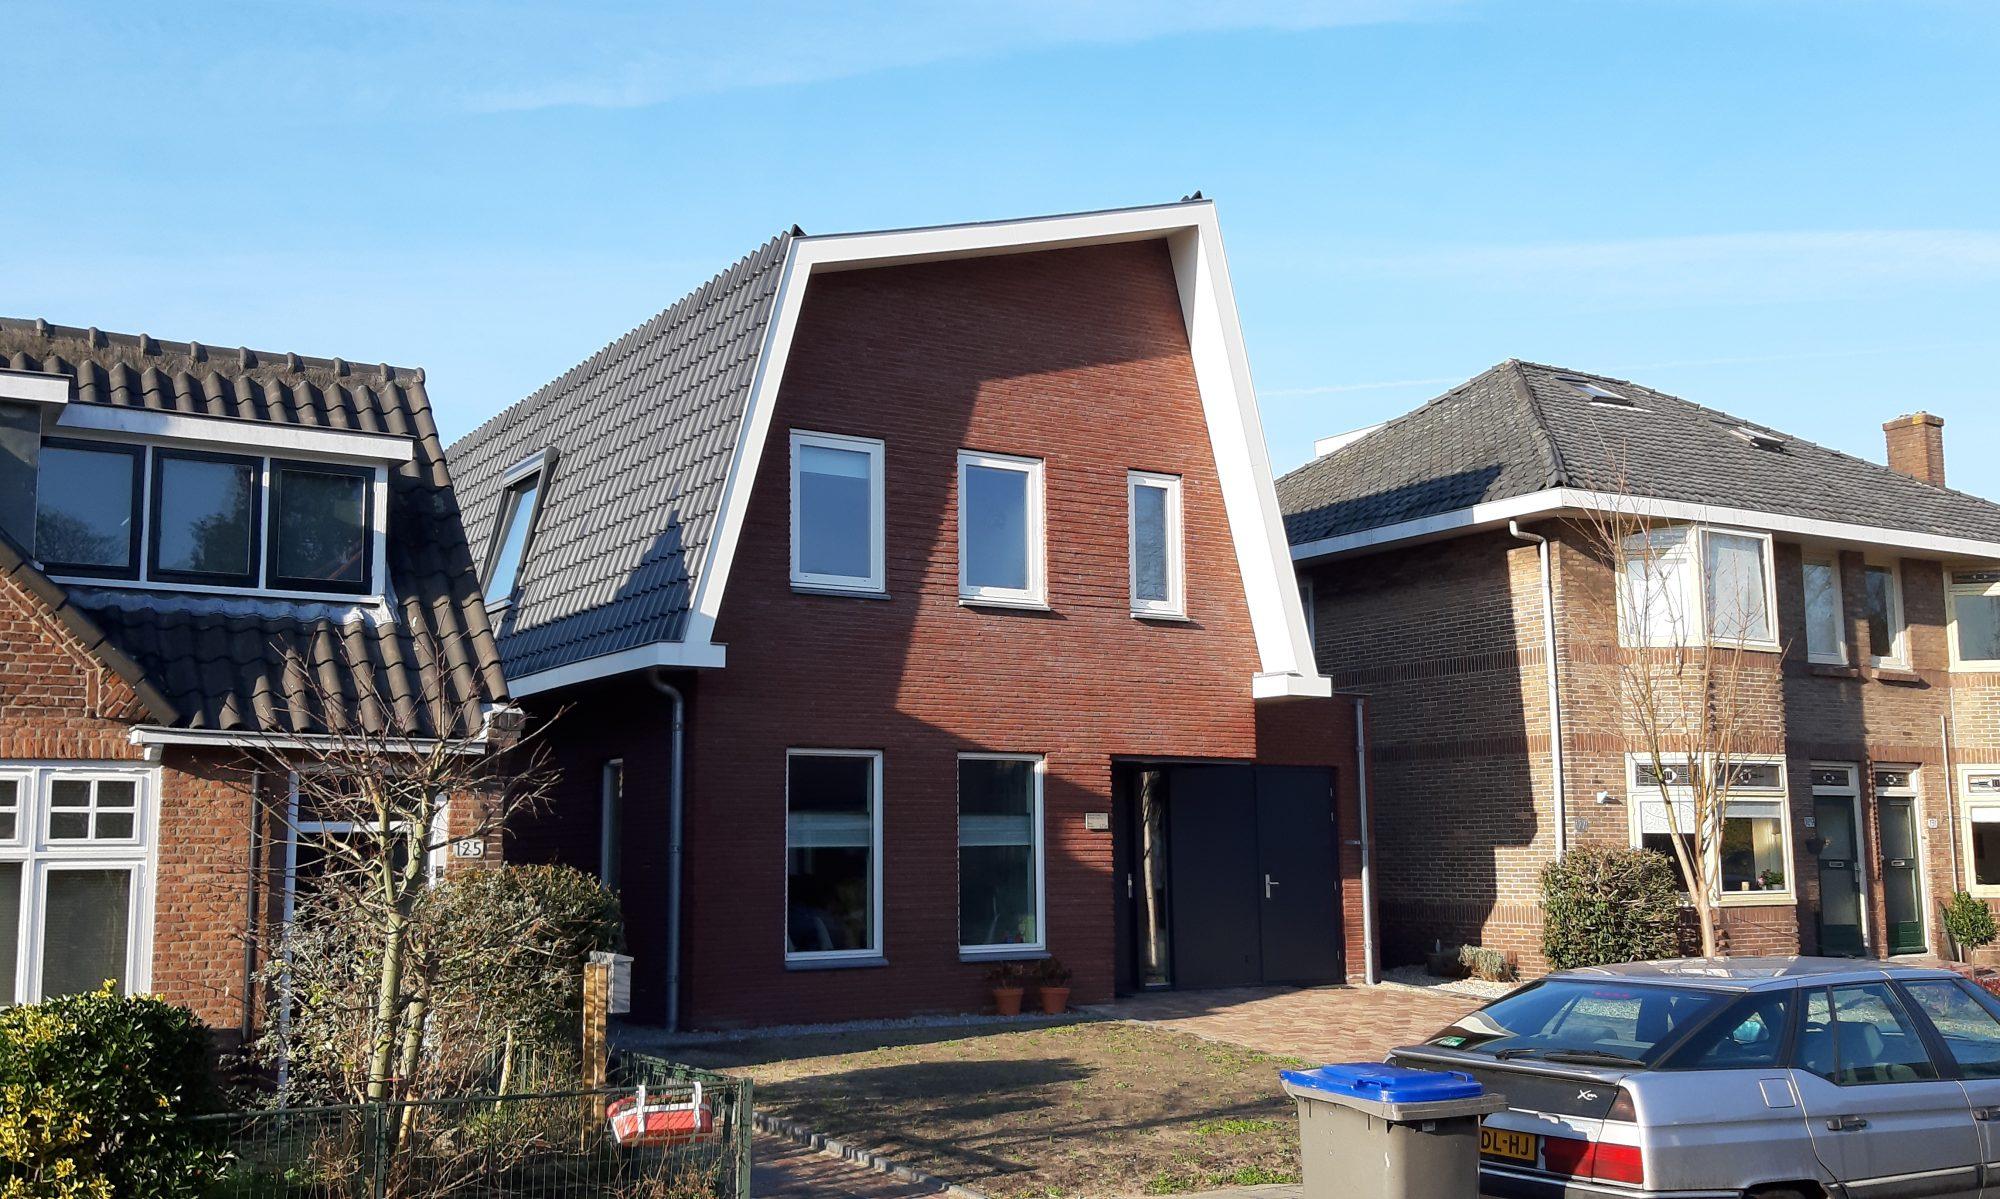 Architectenbureau Ronald Janssen